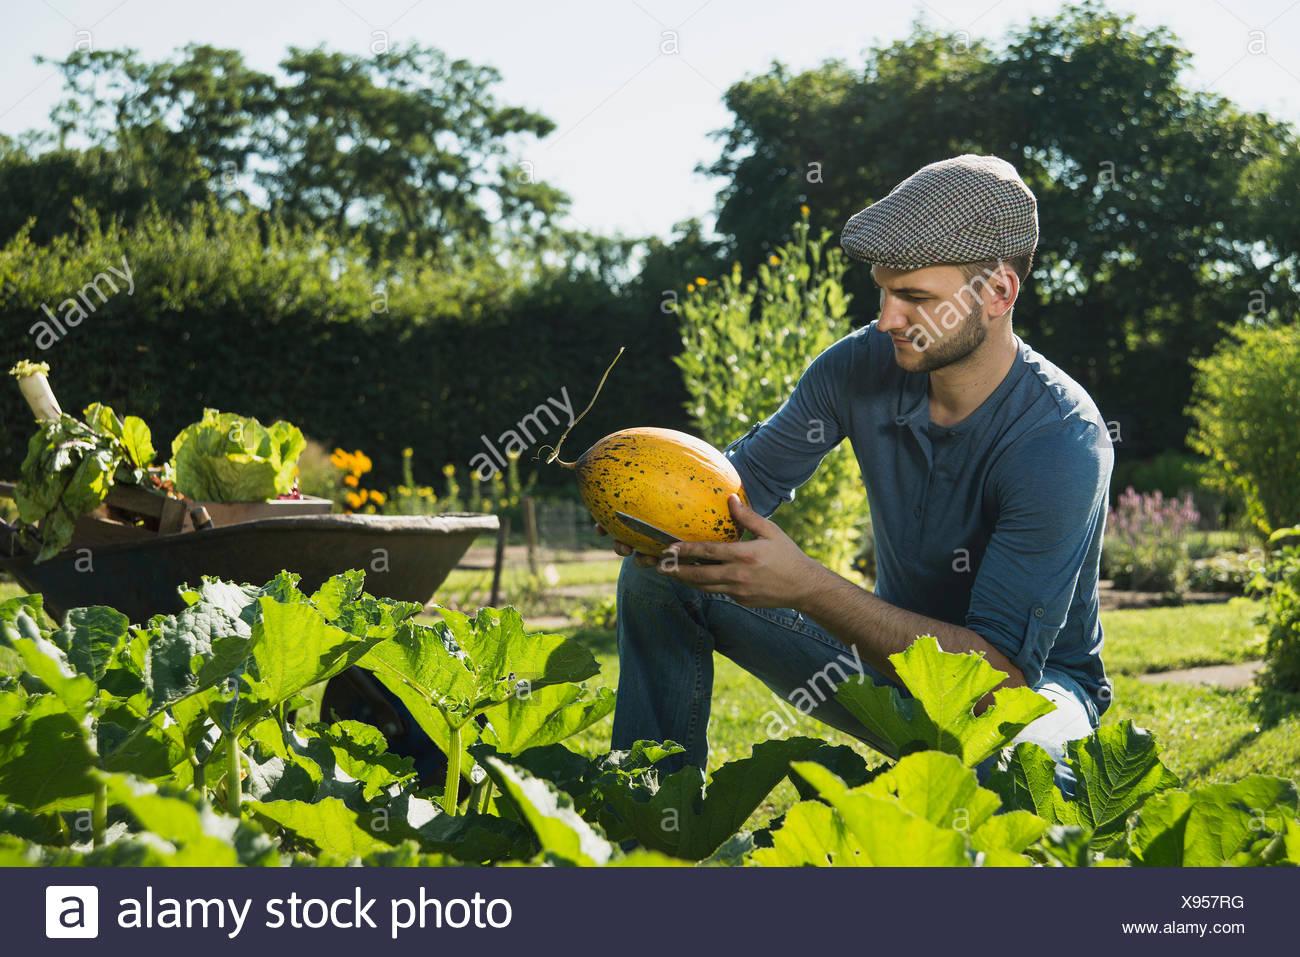 Gardener checking vegetable Stock Photo